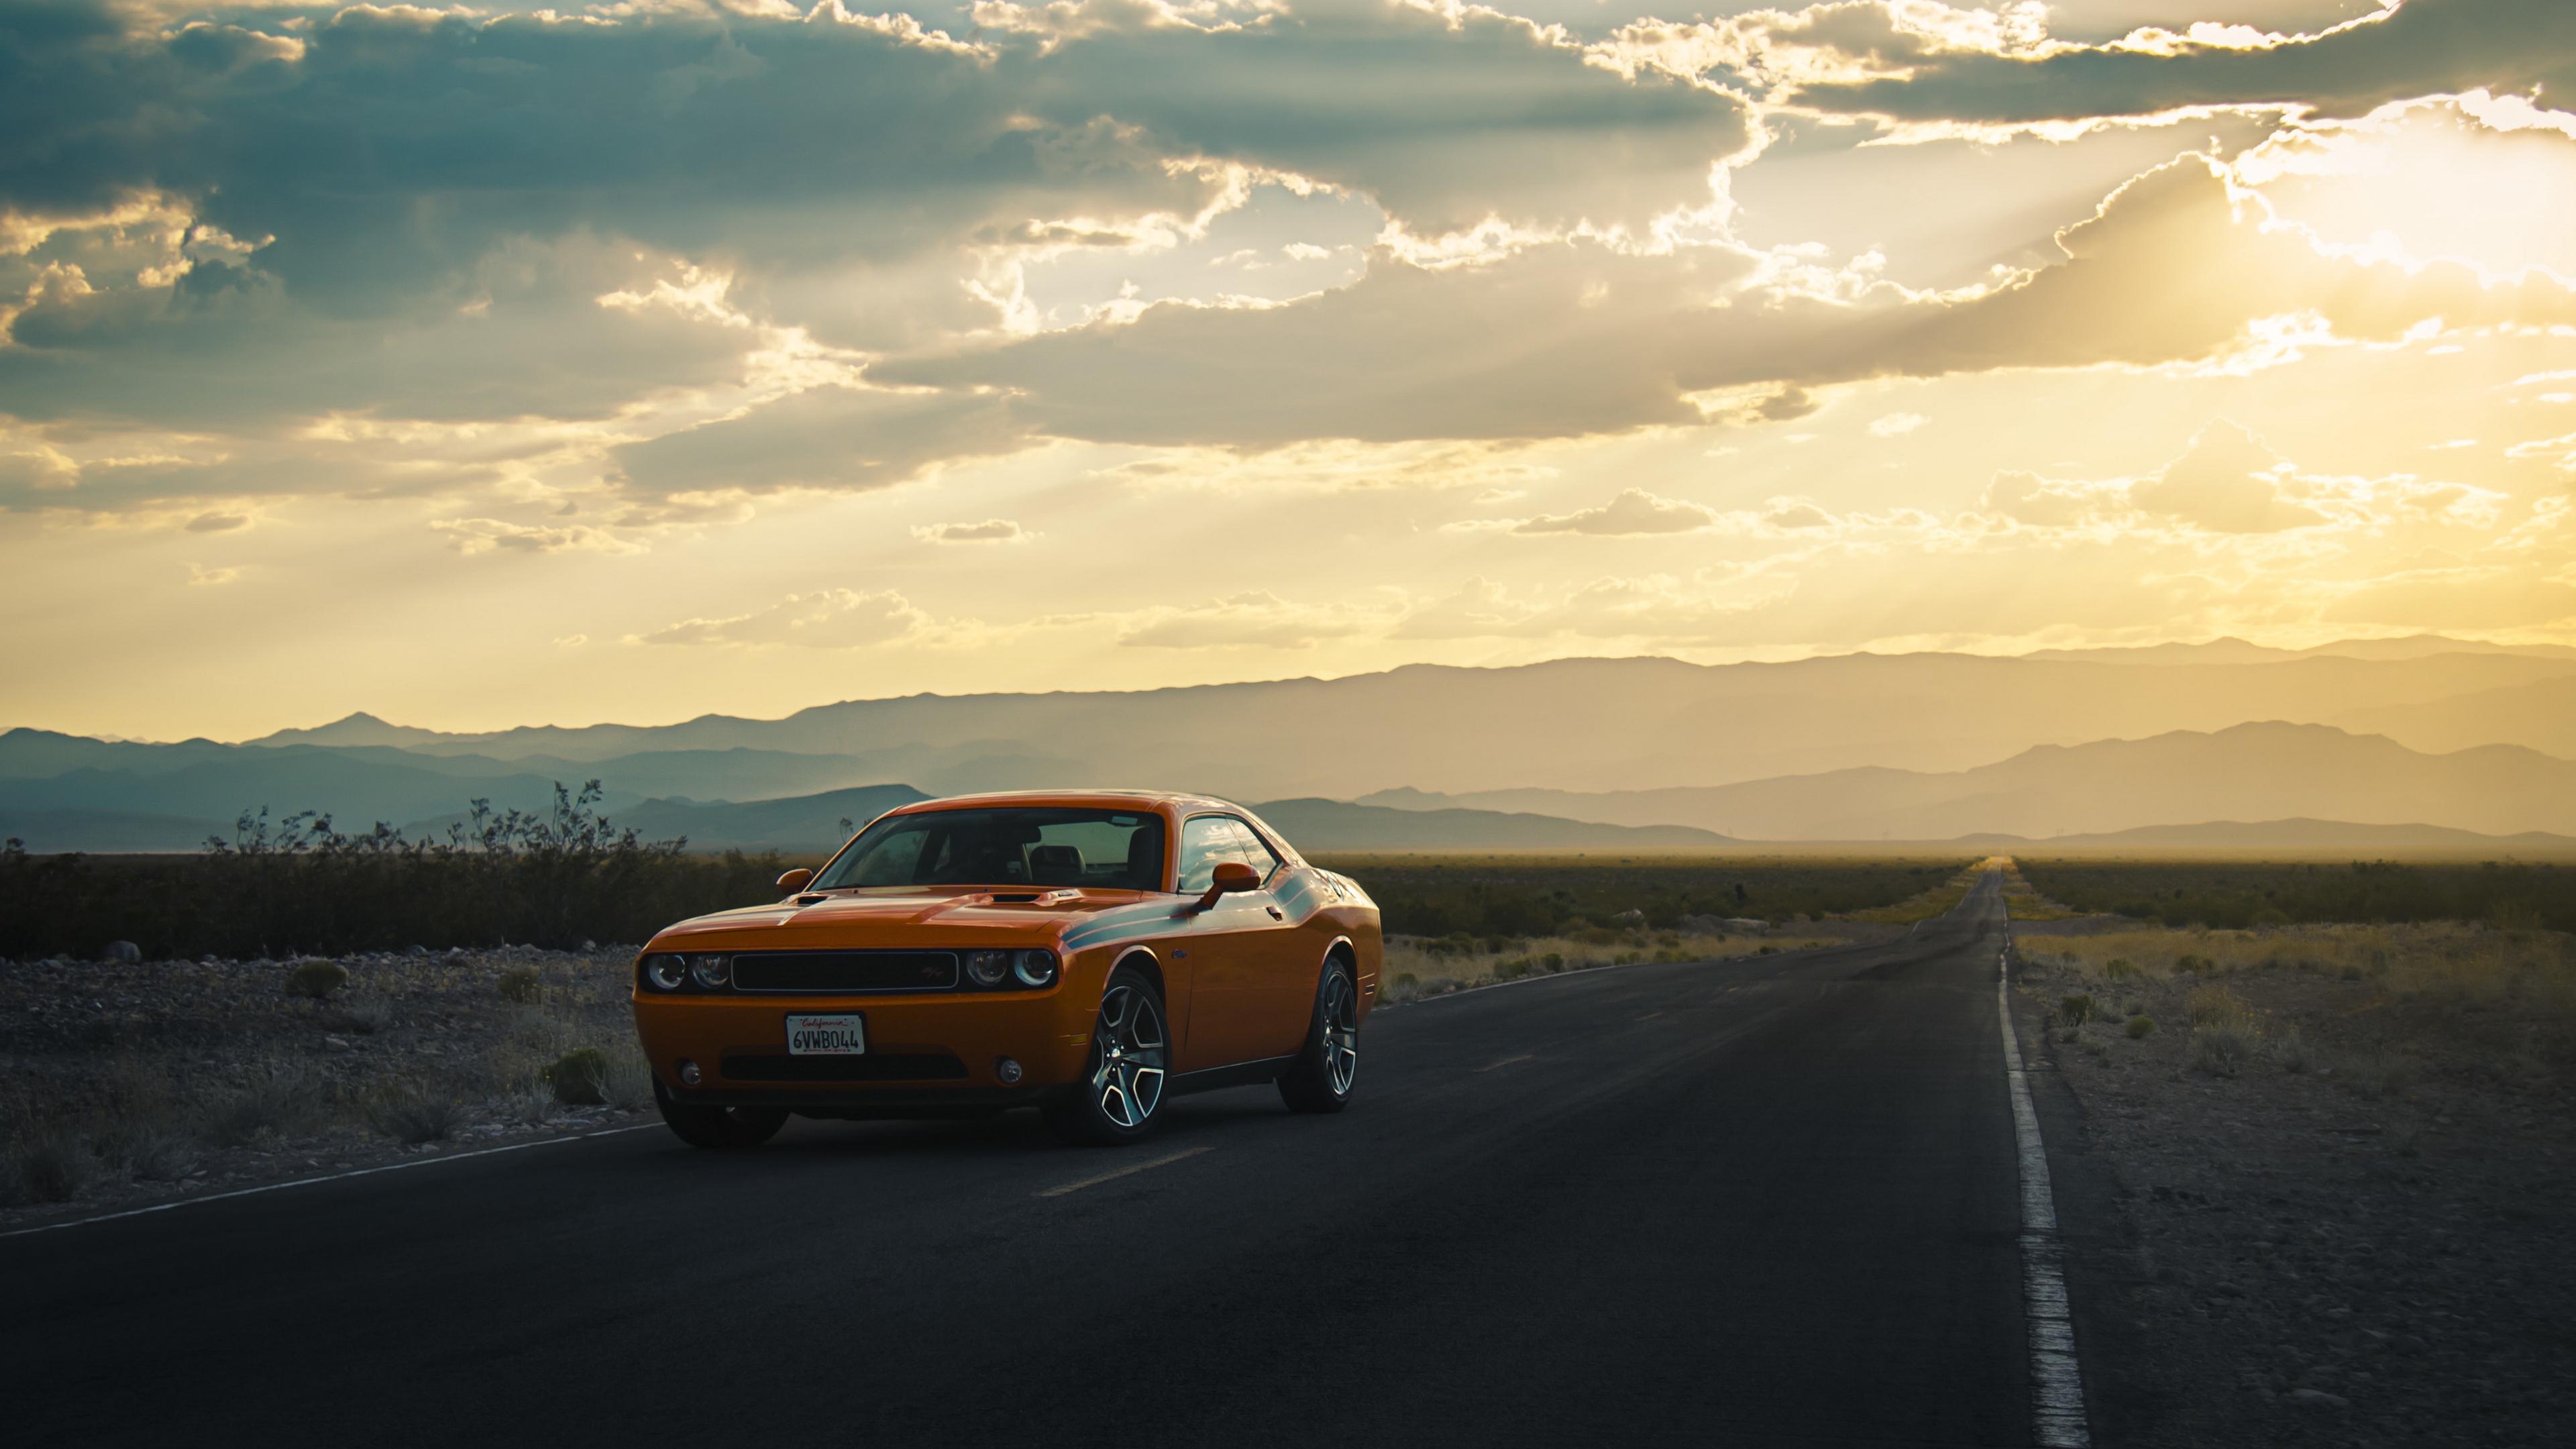 dodge challenger side view road 4k 1538935240 - dodge, challenger, side view, road 4k - side view, Dodge, Challenger